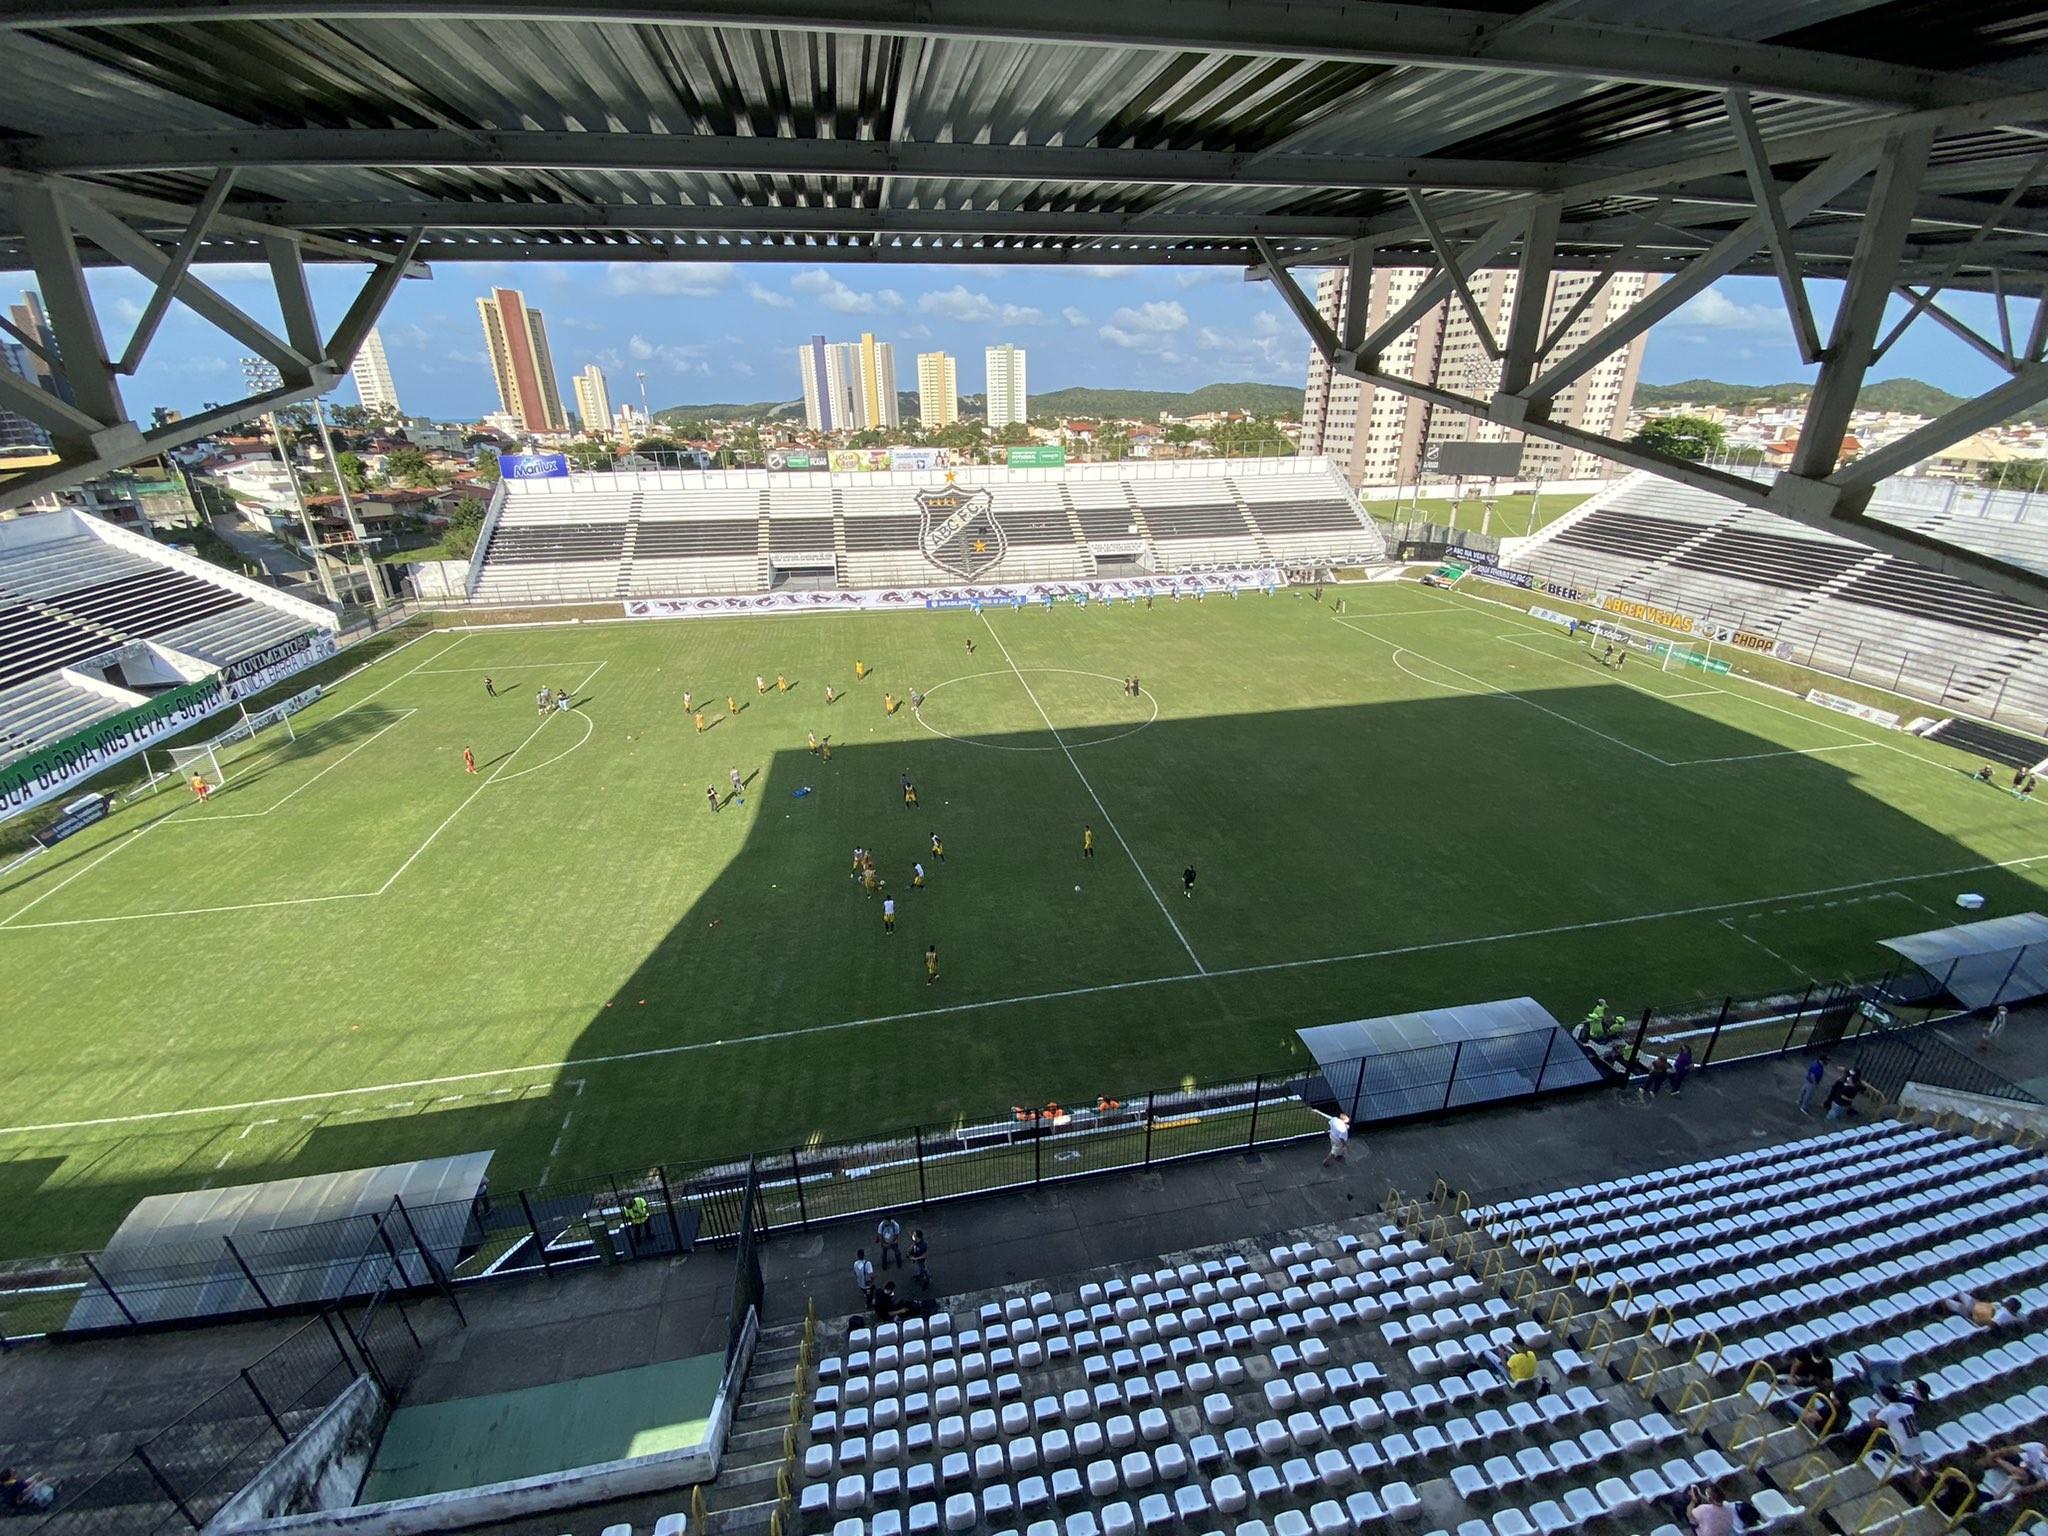 Decreto da Prefeitura de Natal autoriza até 50% de público nos estádios de futebol